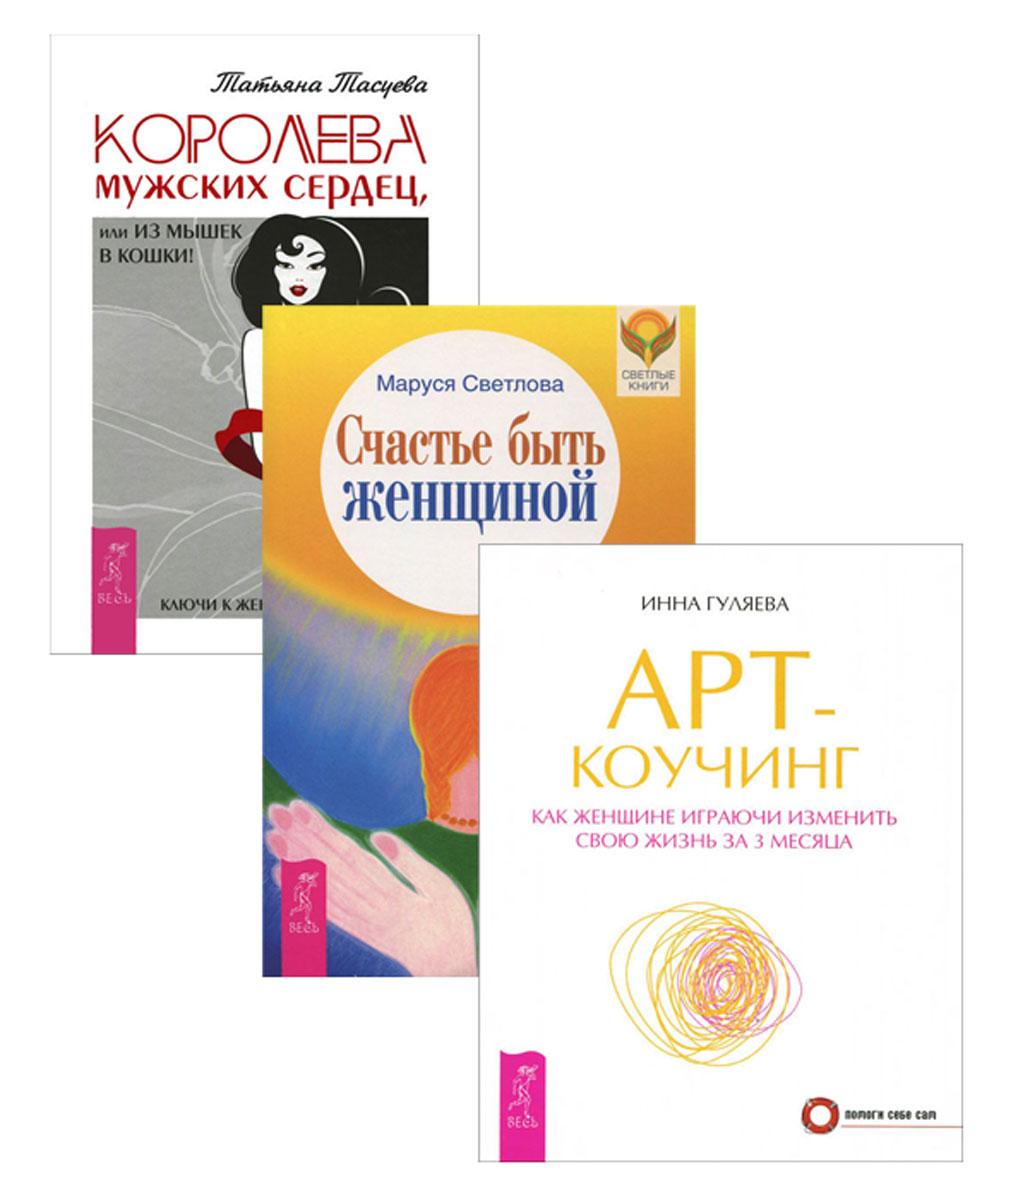 Татьяна Тасуева, Инна Гуляева, Маруся Светлова Королева мужских сердец. Арт-коучинг. Счастье быть женщиной (комплект из 3 книг)